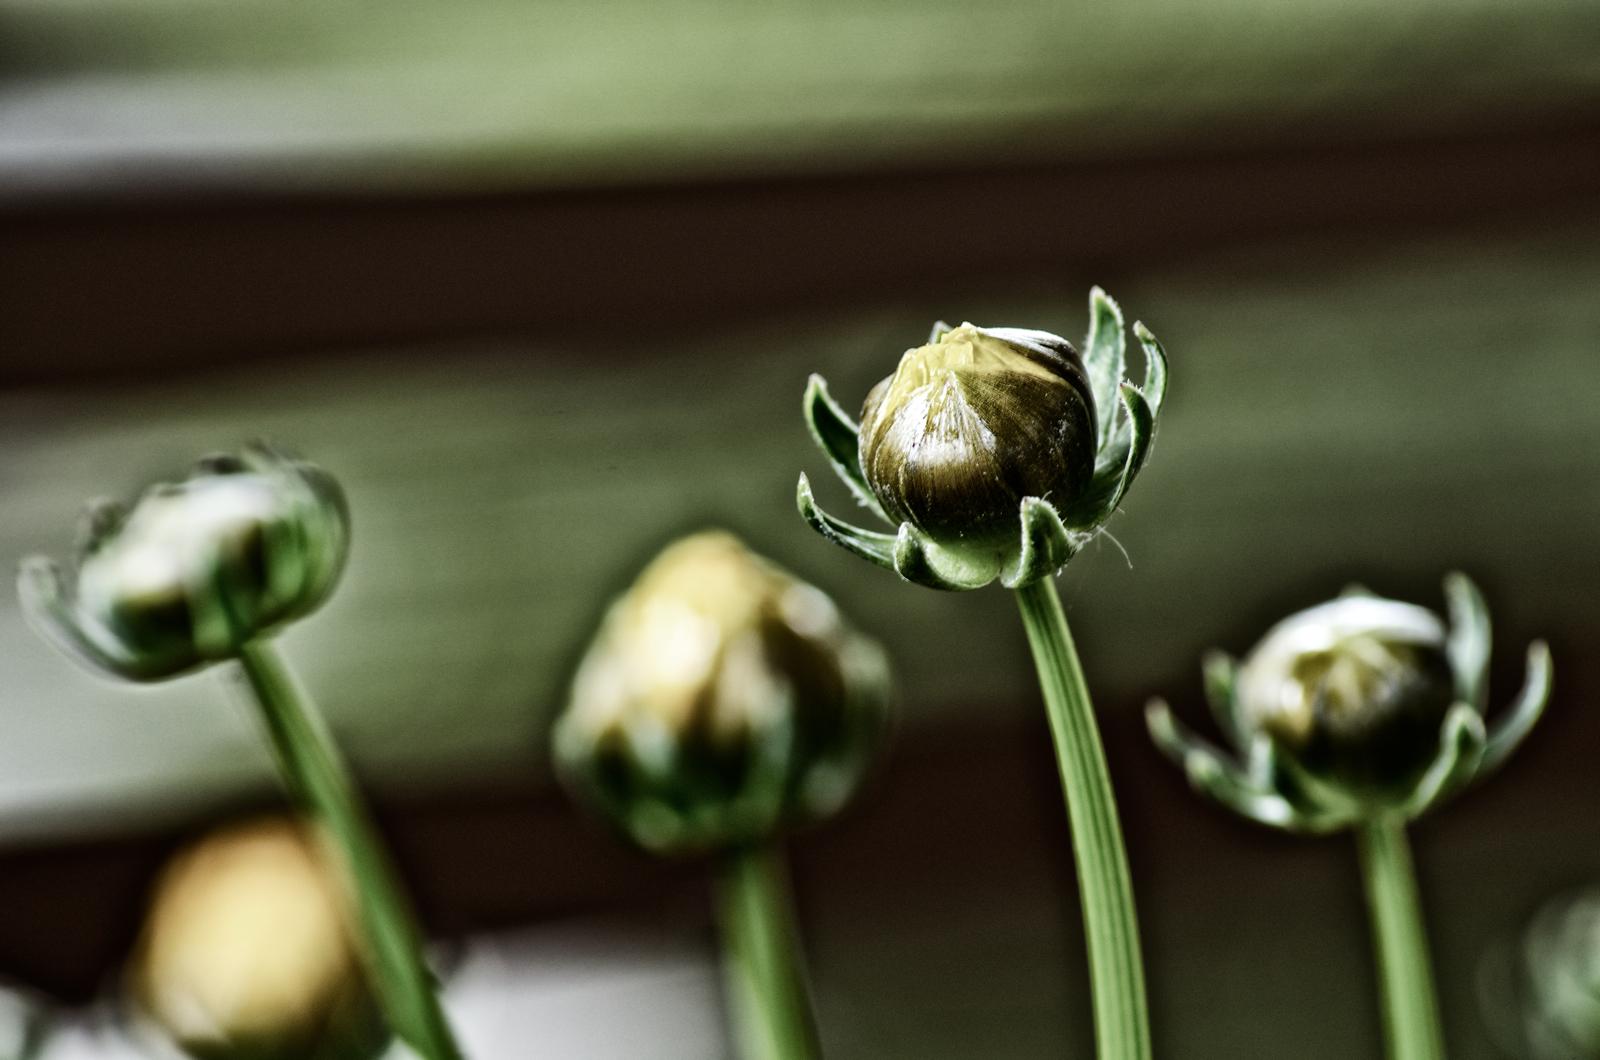 Balkon plants